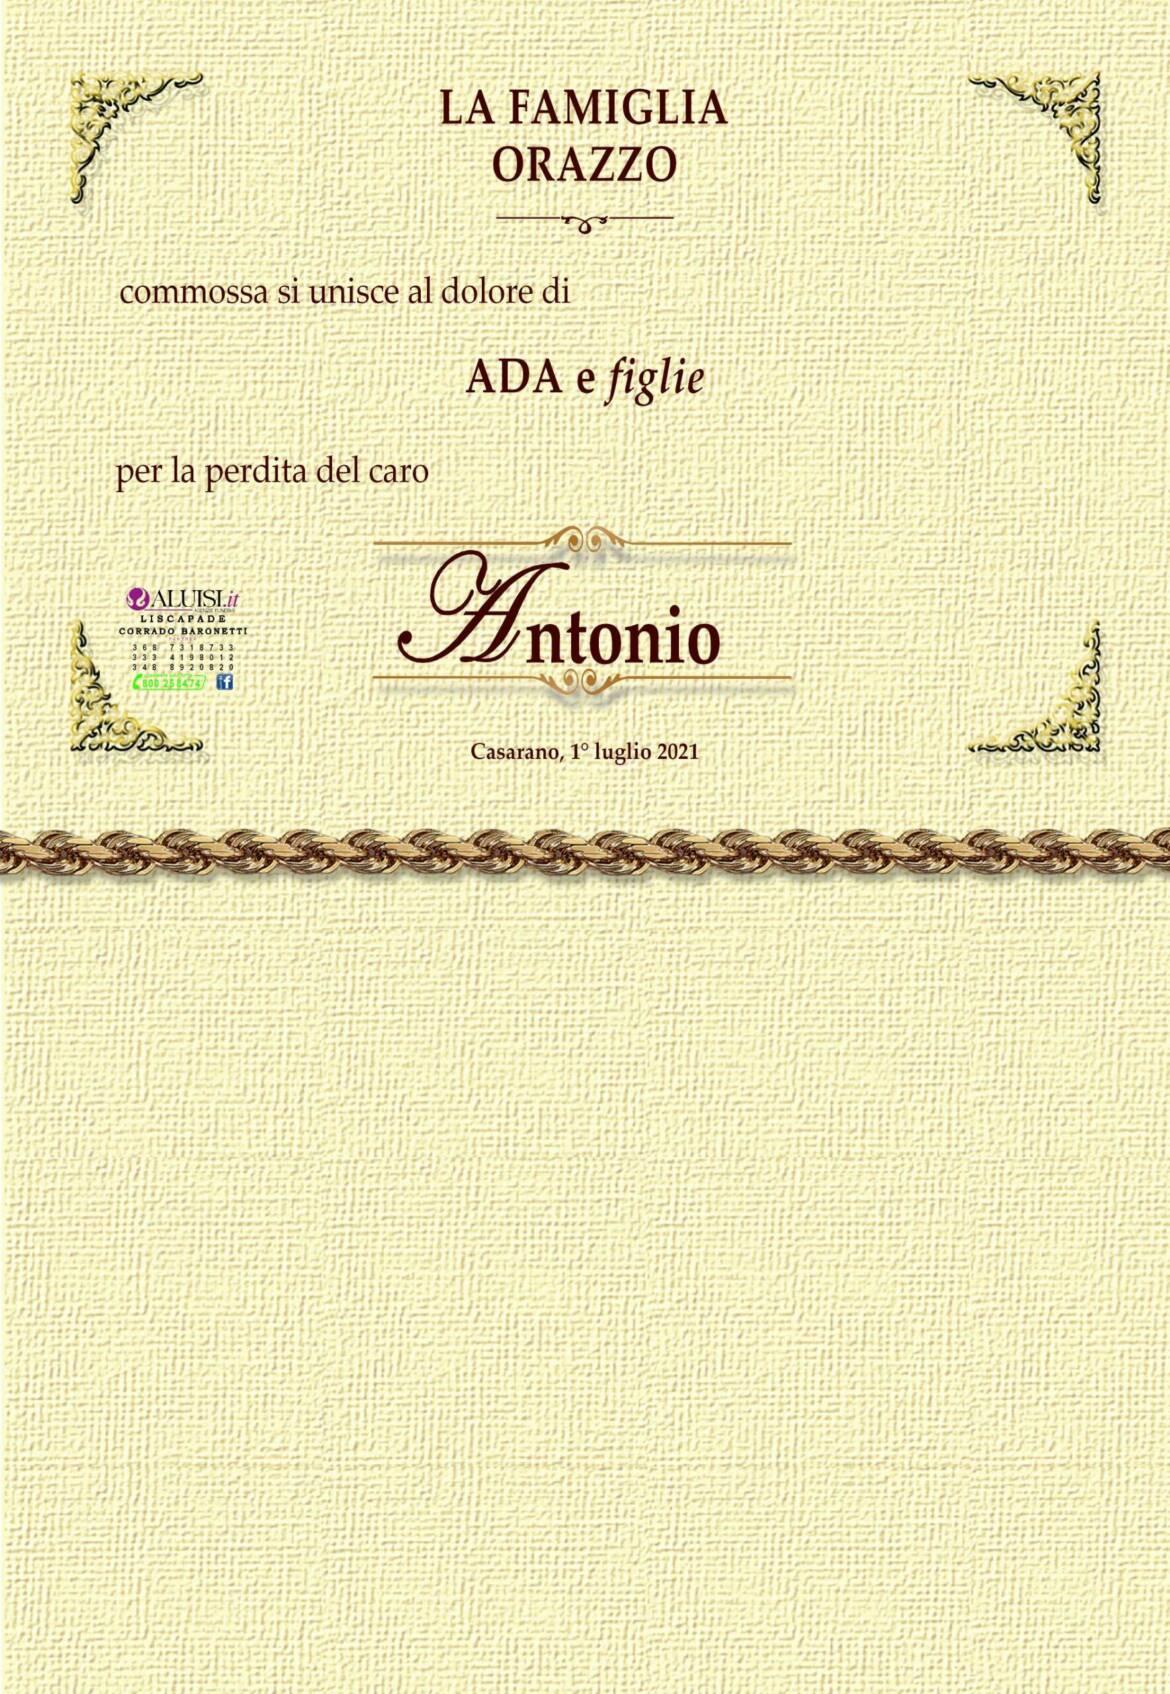 PARTECIPAZIONe-ANTONIO-CAVALERA-CASARANO-4-scaled.jpg